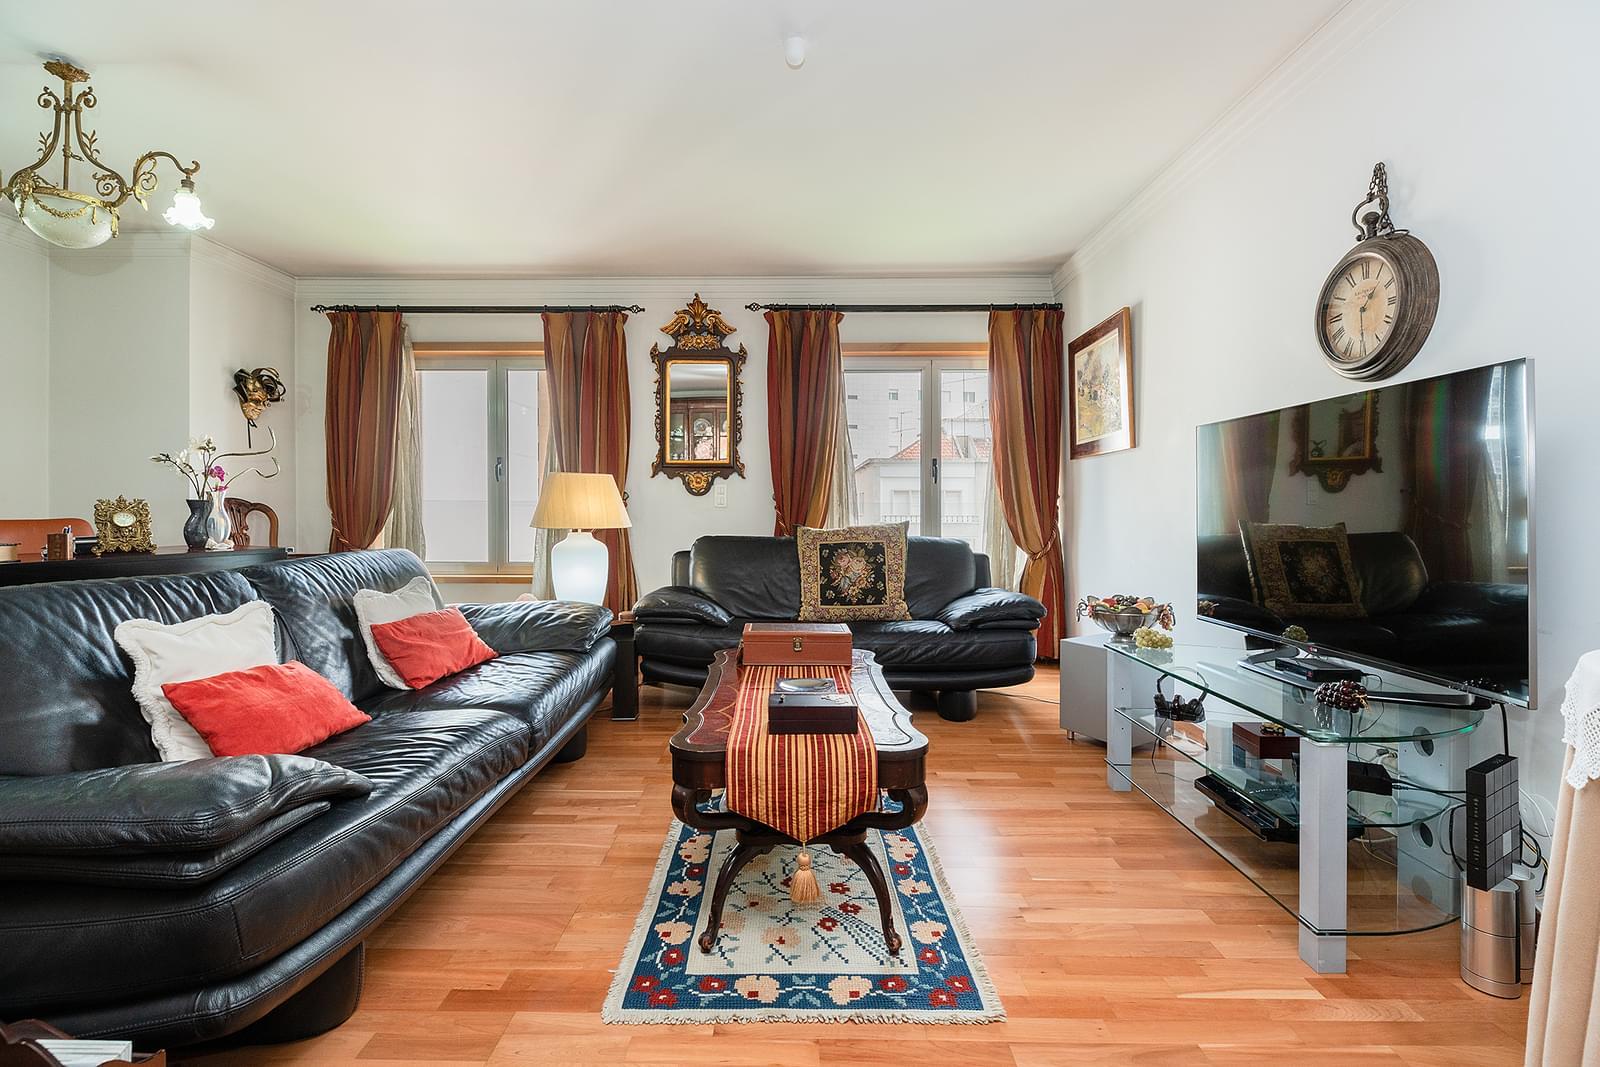 pf18049-apartamento-t3-lisboa-2a621ec8-3be1-46bd-b990-d1171504448f